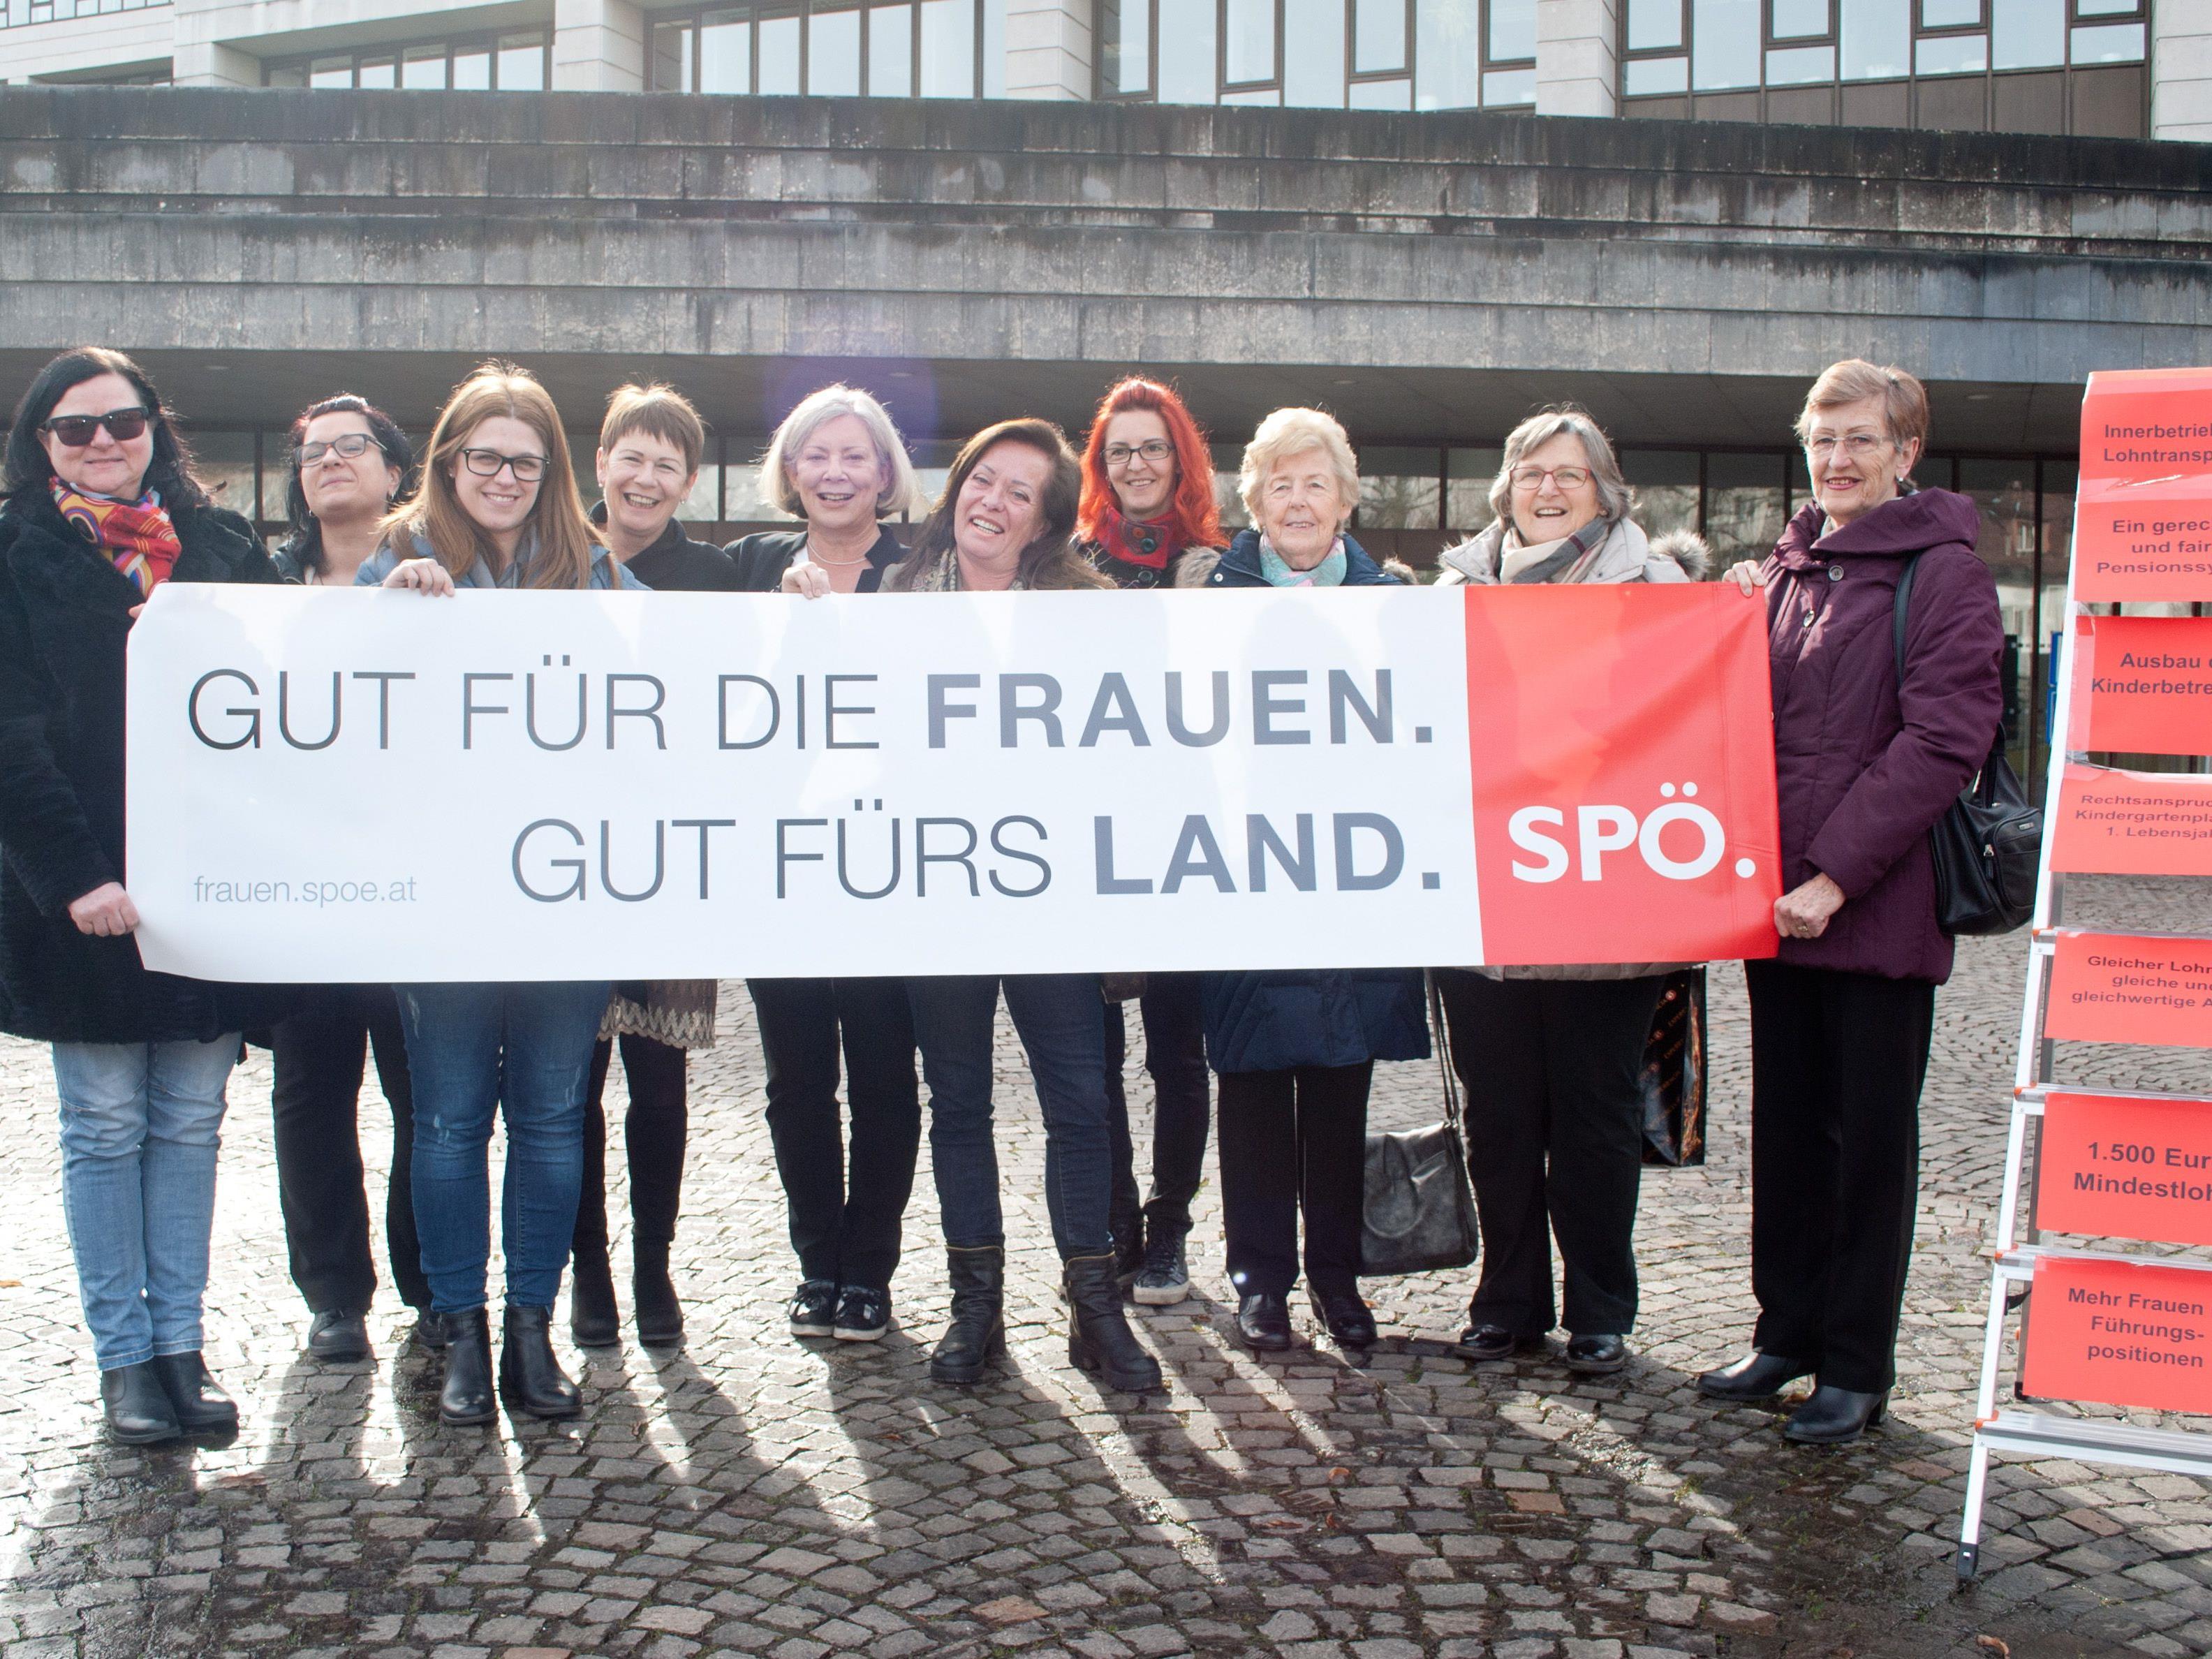 Die Frauen der Vorarlberger SPÖ machten vor dem Landtagsgebäude auf ihre Forderungen zum Weltfrauentag aufmerksam.